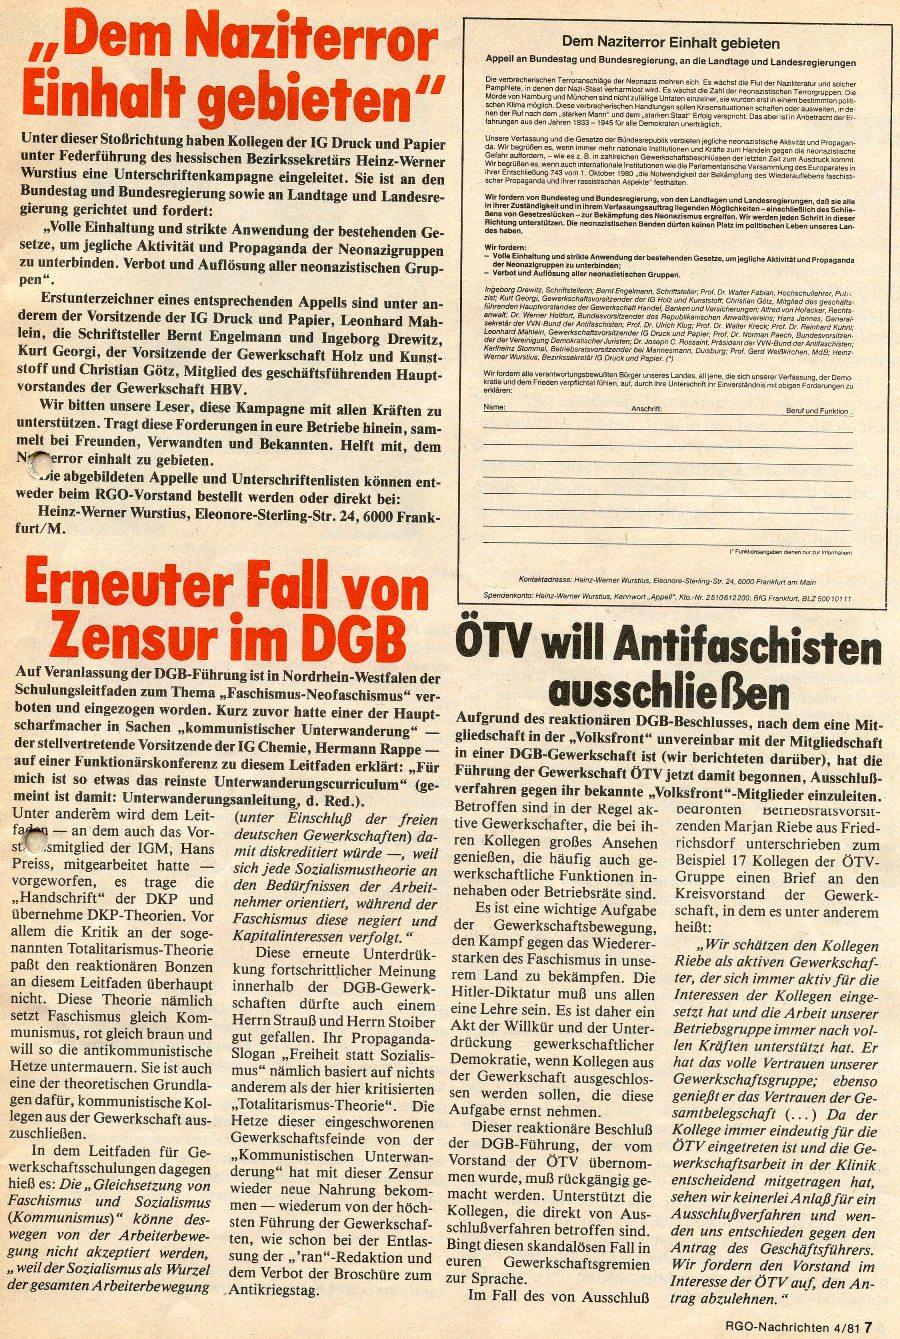 RGO_RGO_Nachrichten_1981_04_07